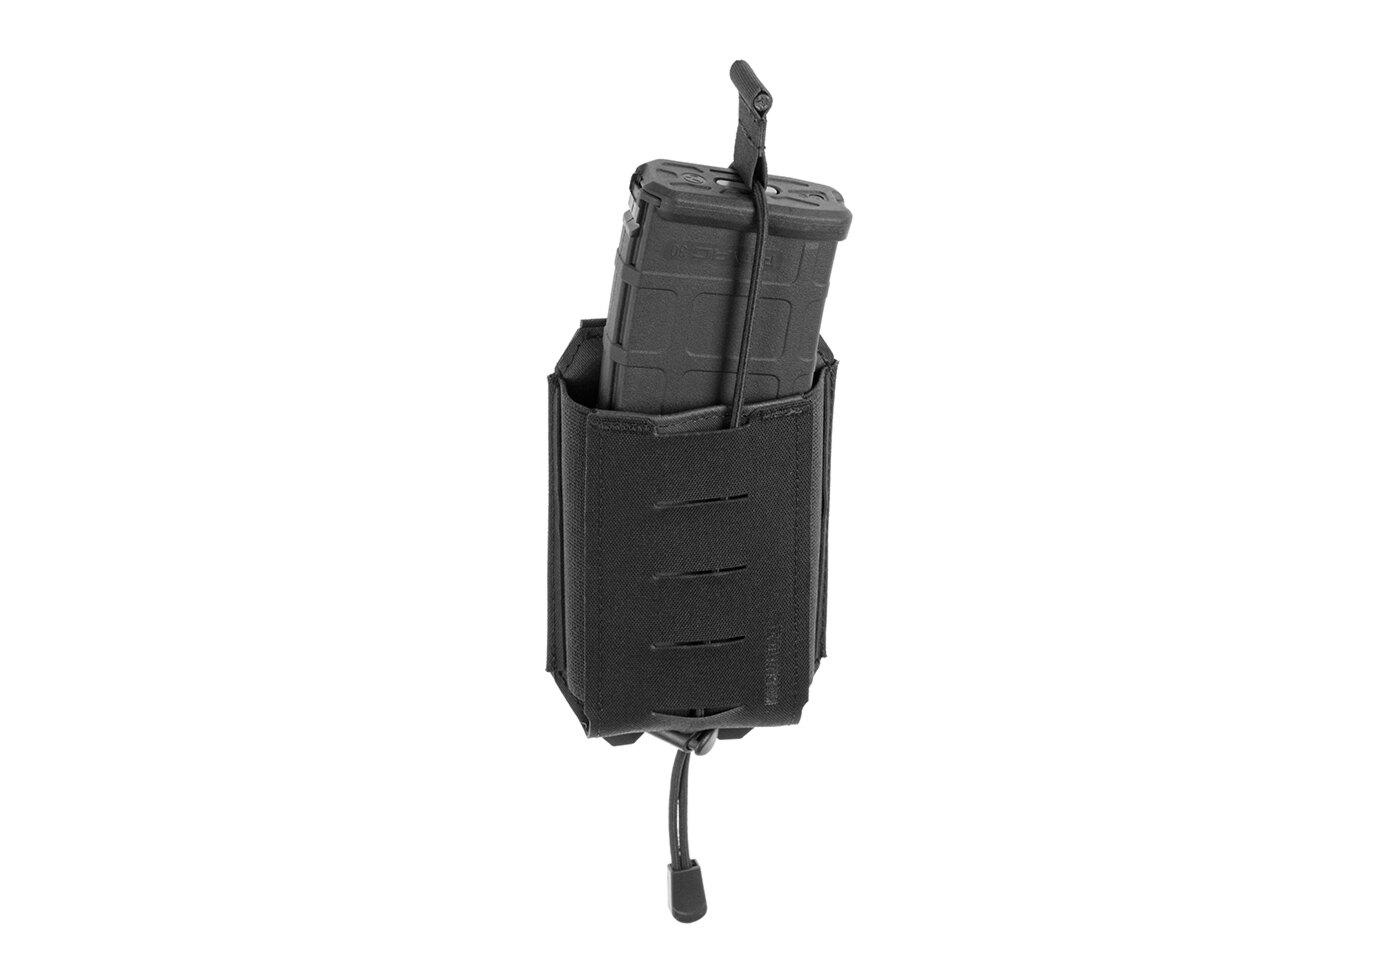 Univerzálne púzdro na zásobník do pušky CLAWGEAR® - čierne (Farba: Čierna)